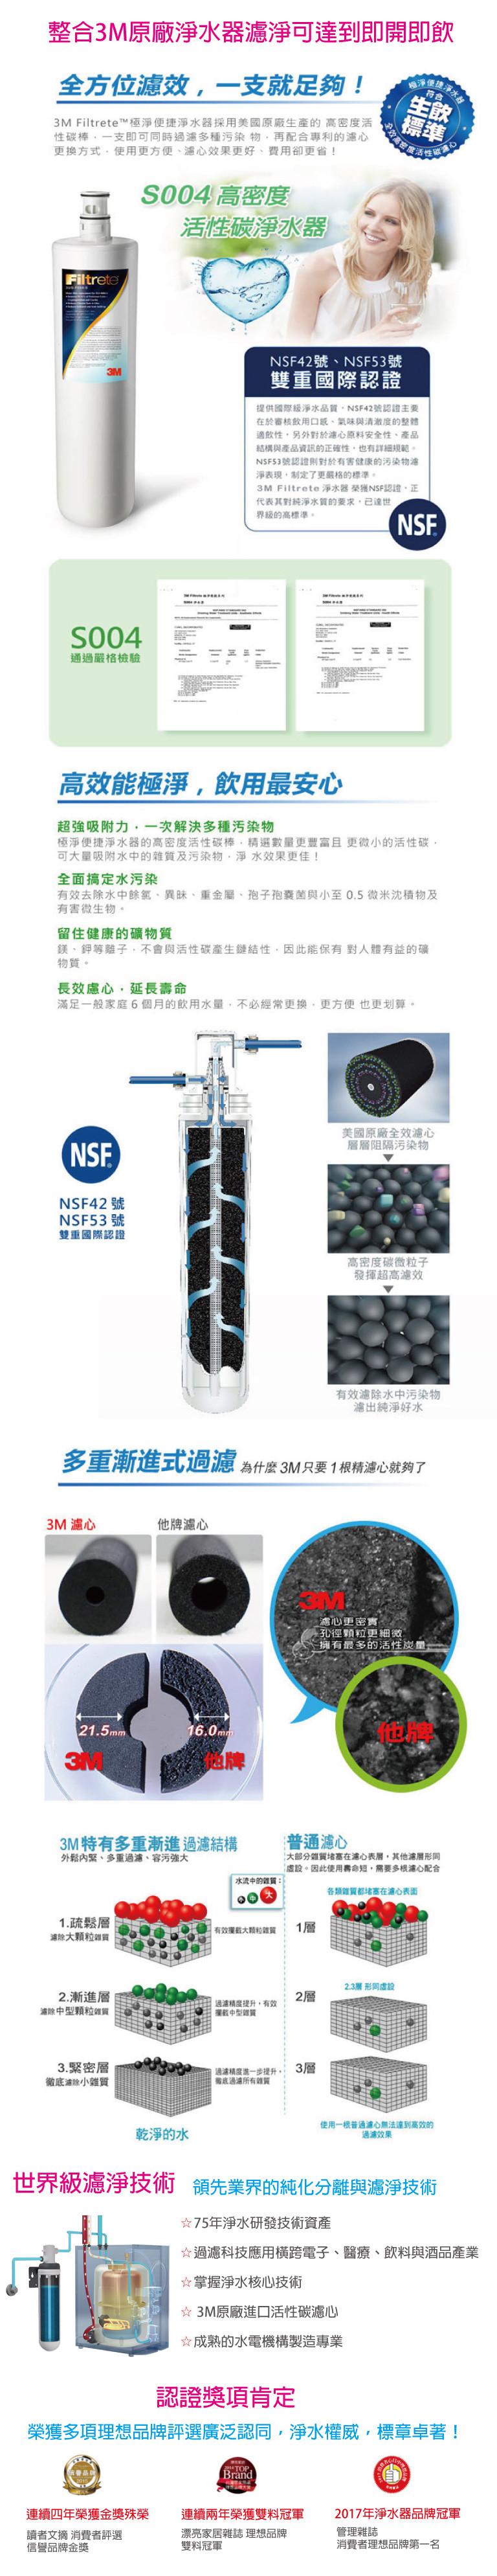 3M HEAT2000 高效能櫥下熱飲機/加熱器+S004生飲淨水器/濾水器